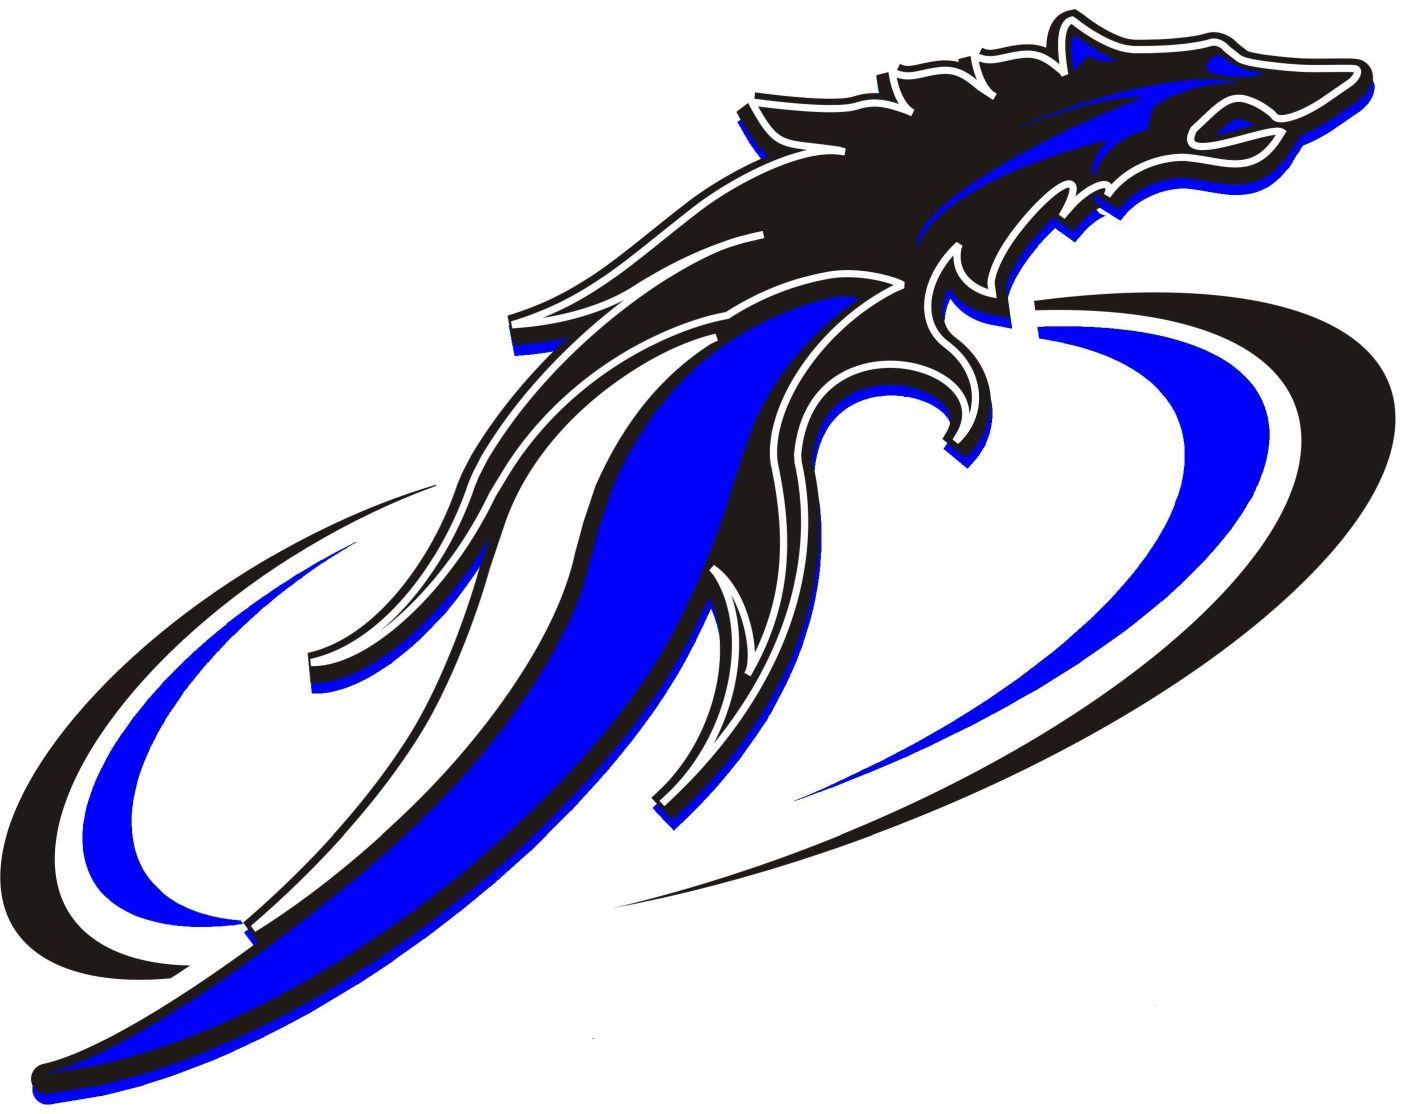 Stony brook seawolves logo-8913